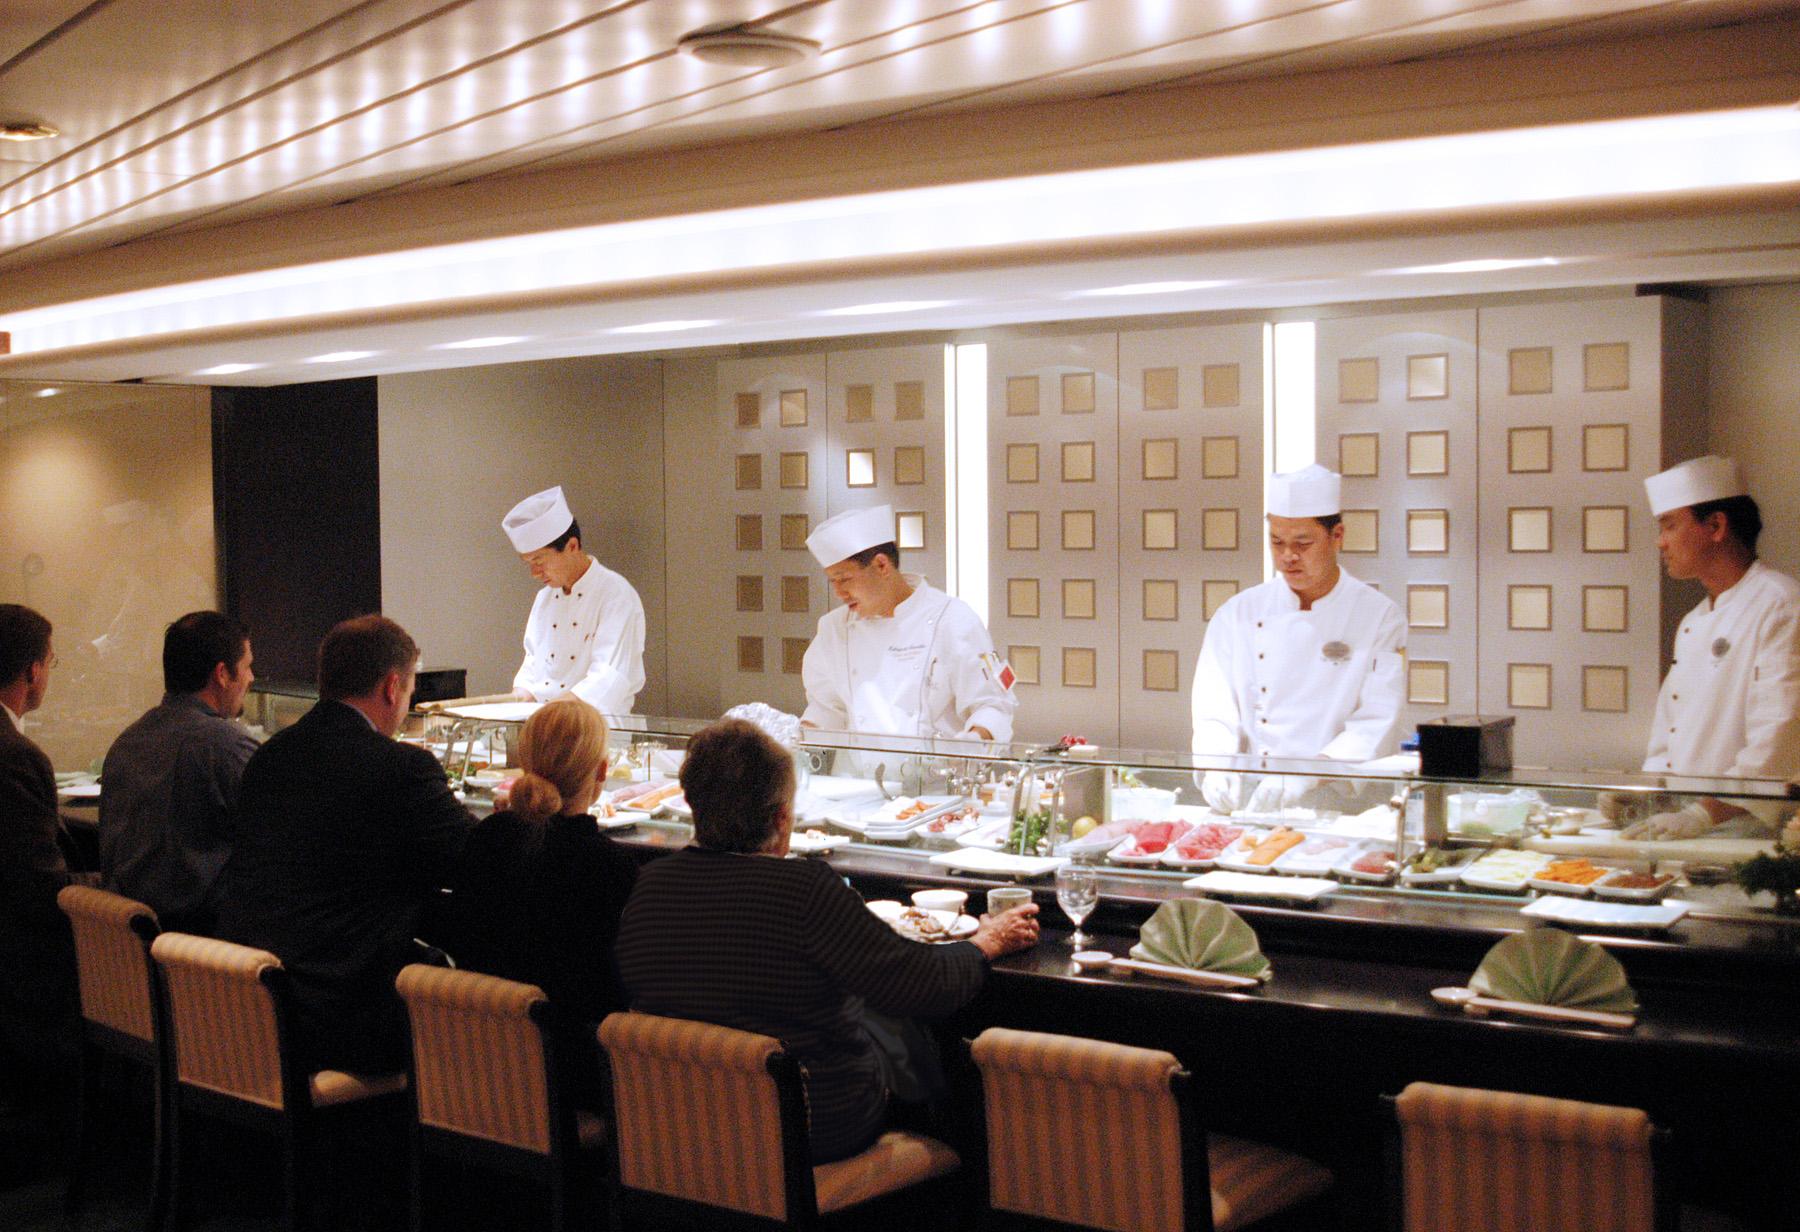 Crystal Serenity - Restaurant Umi Uma - Sushi Bar